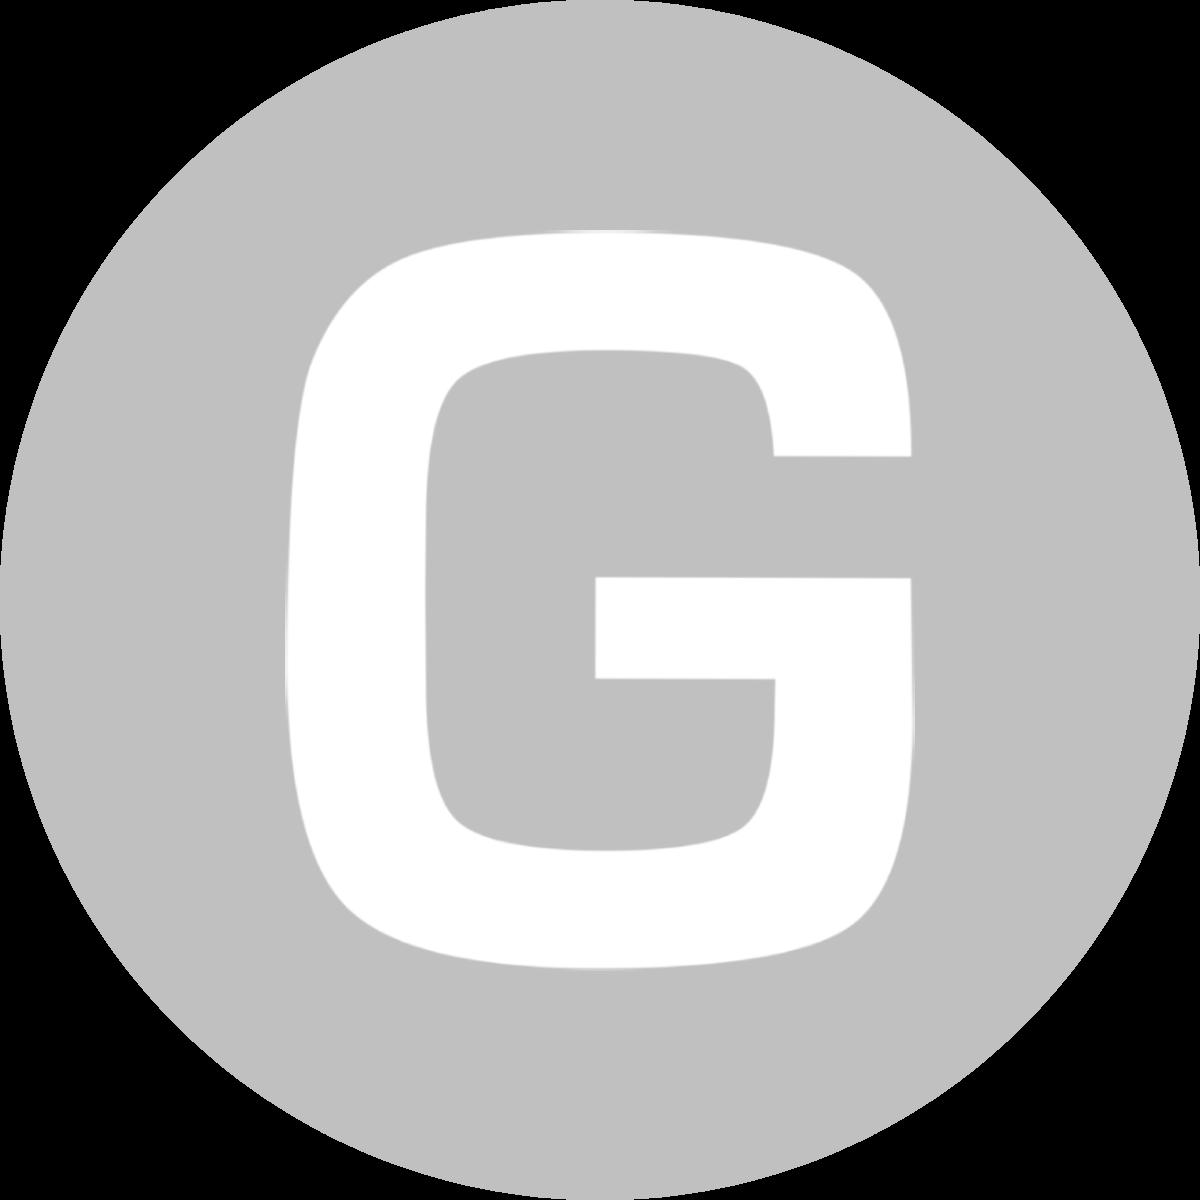 Tilbud - Garmin Approach S20 - Velg farge INKL: Garmin pakke (Baller, caps og buff)